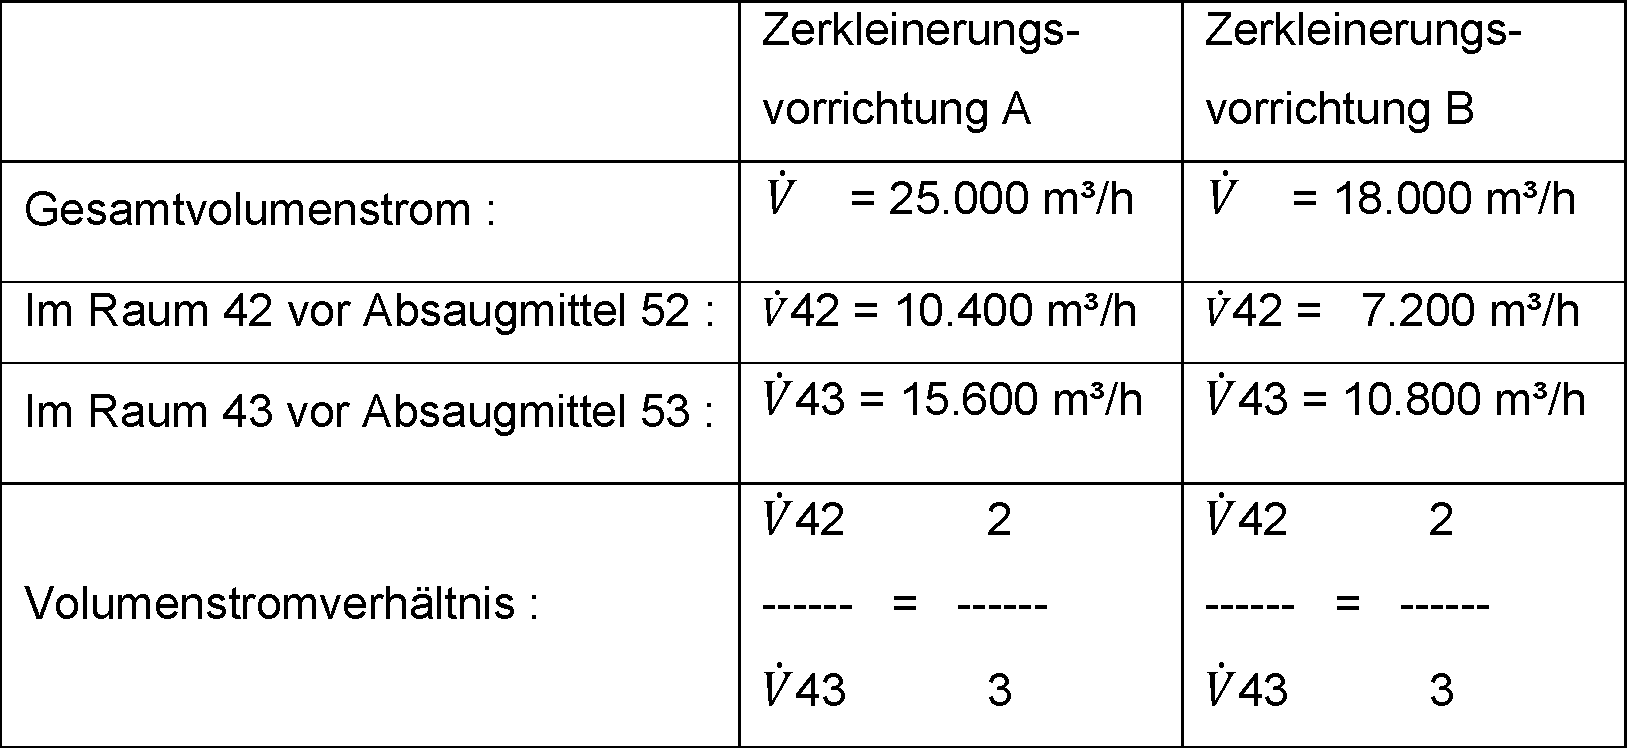 Figure DE202015100504U1_0002